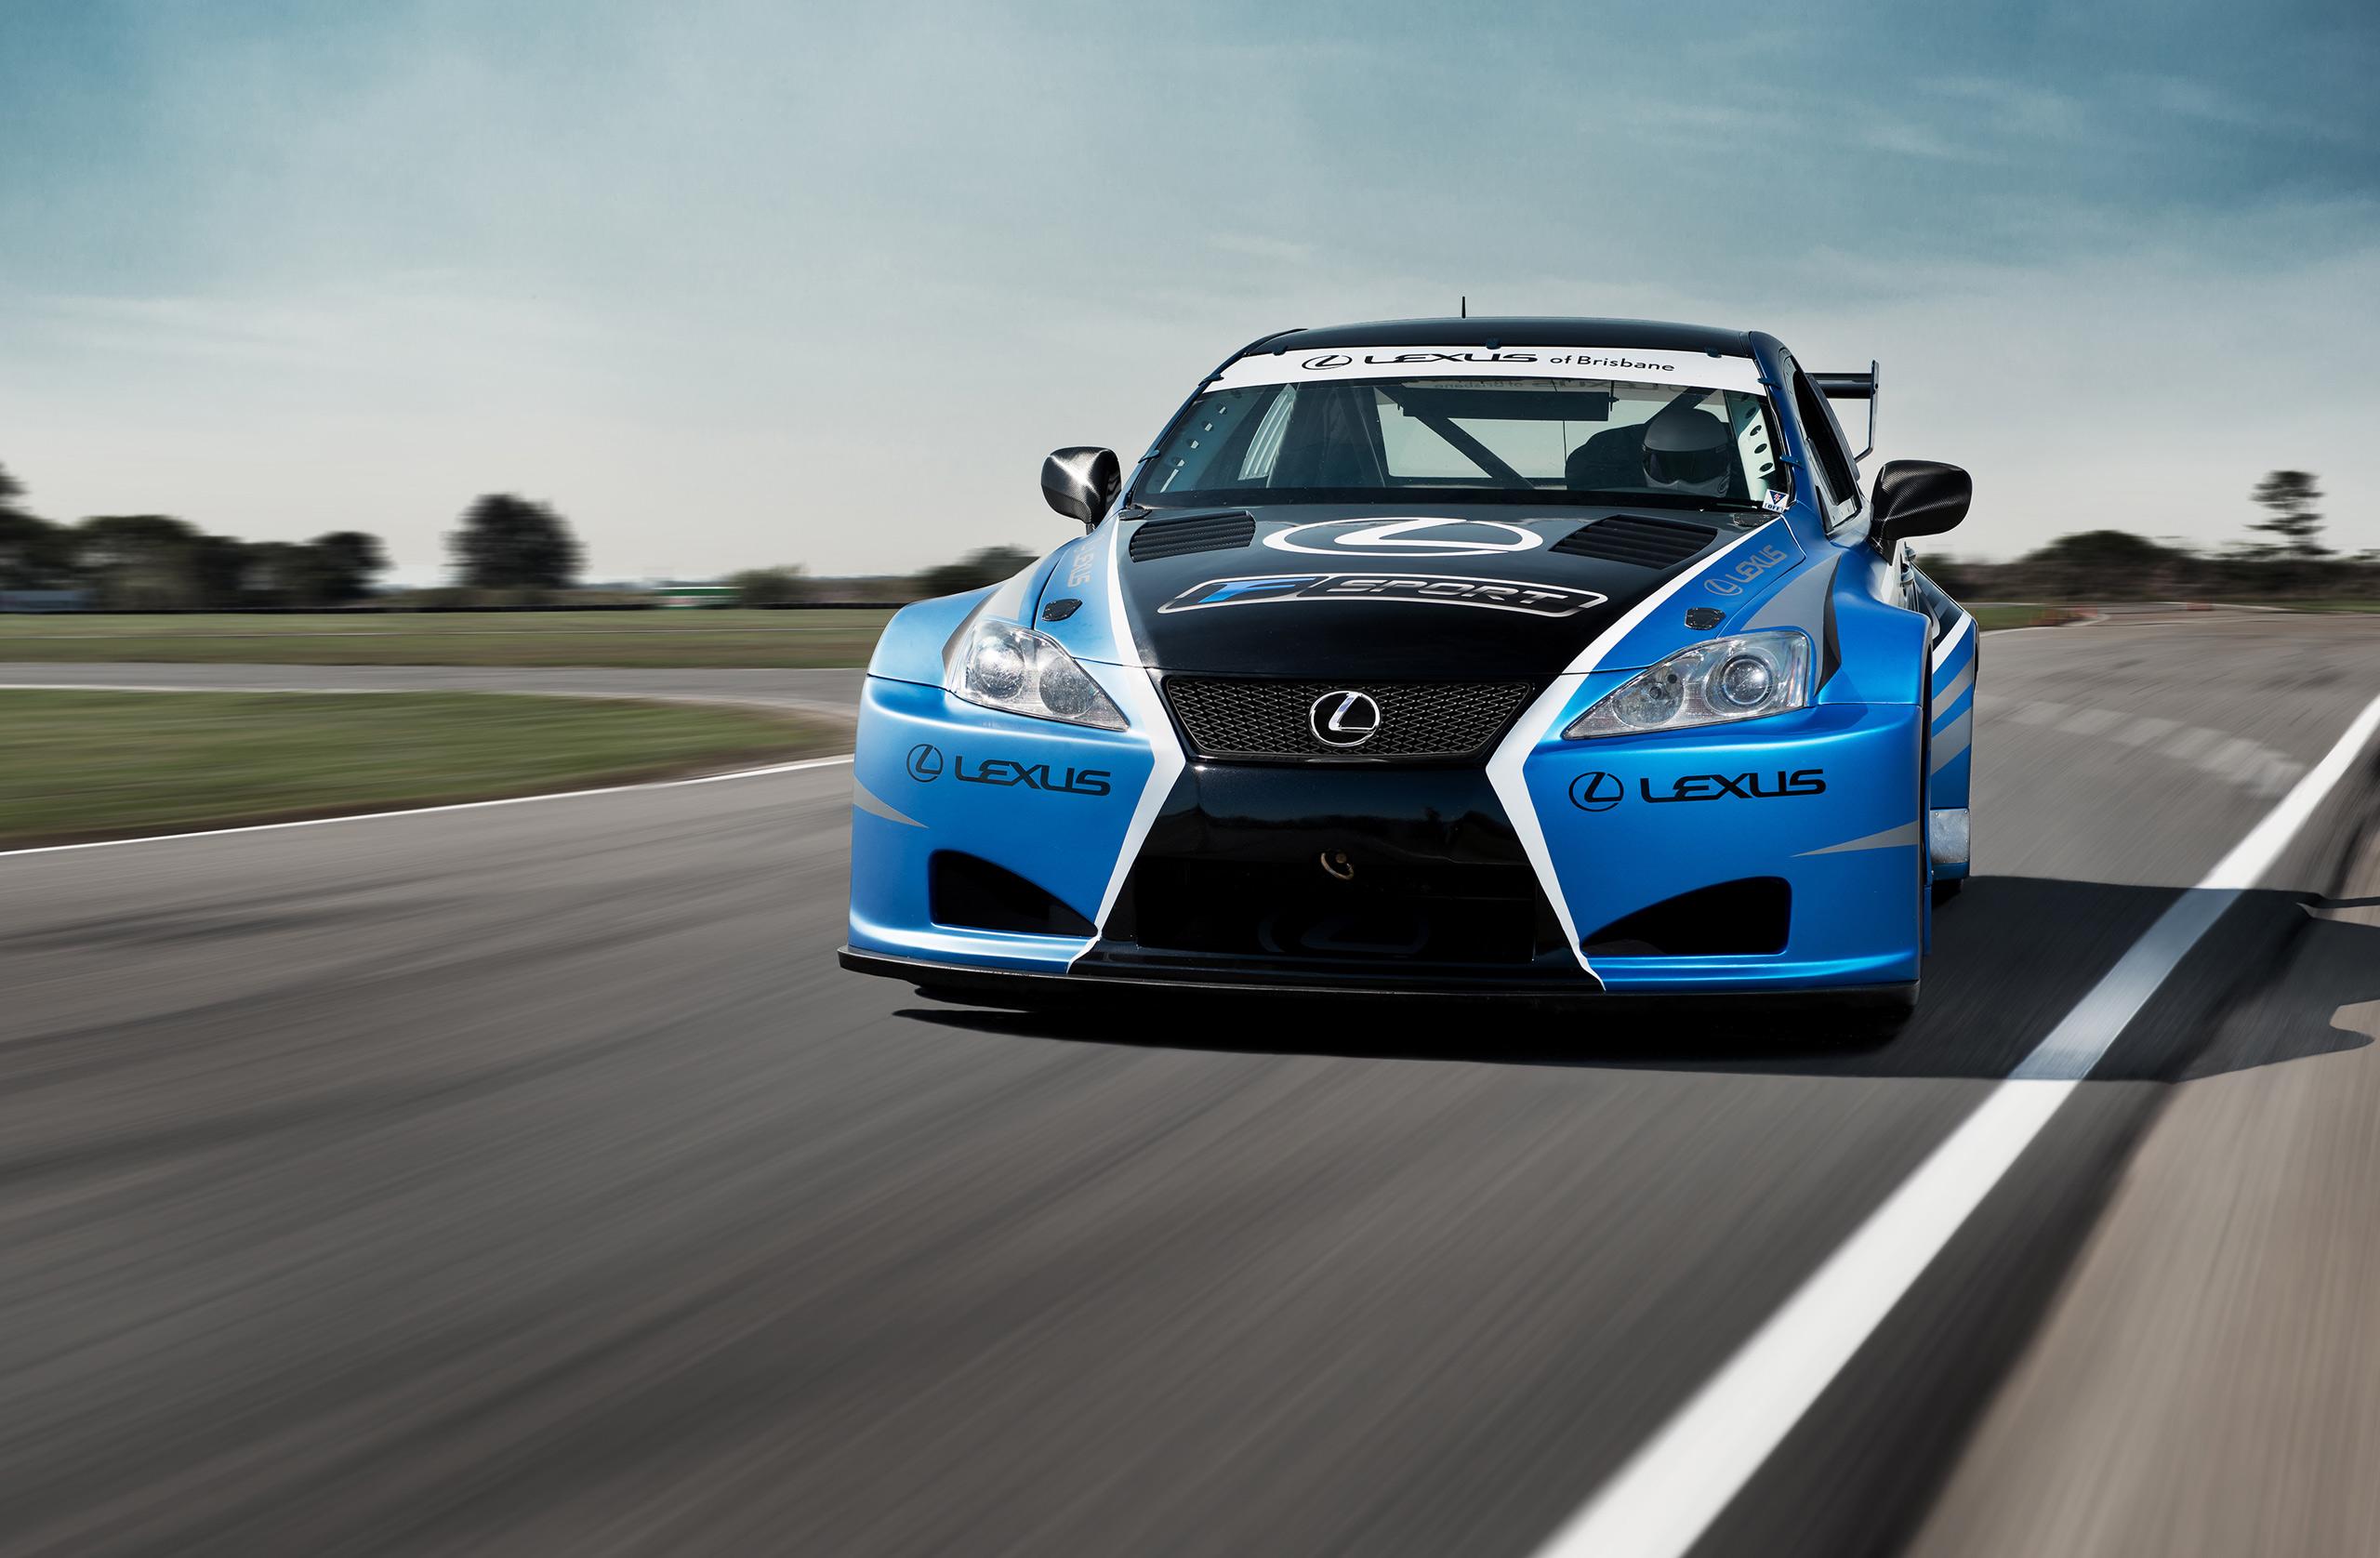 Lexus Of Brisbane Introduces Lexus IS F Race Cars